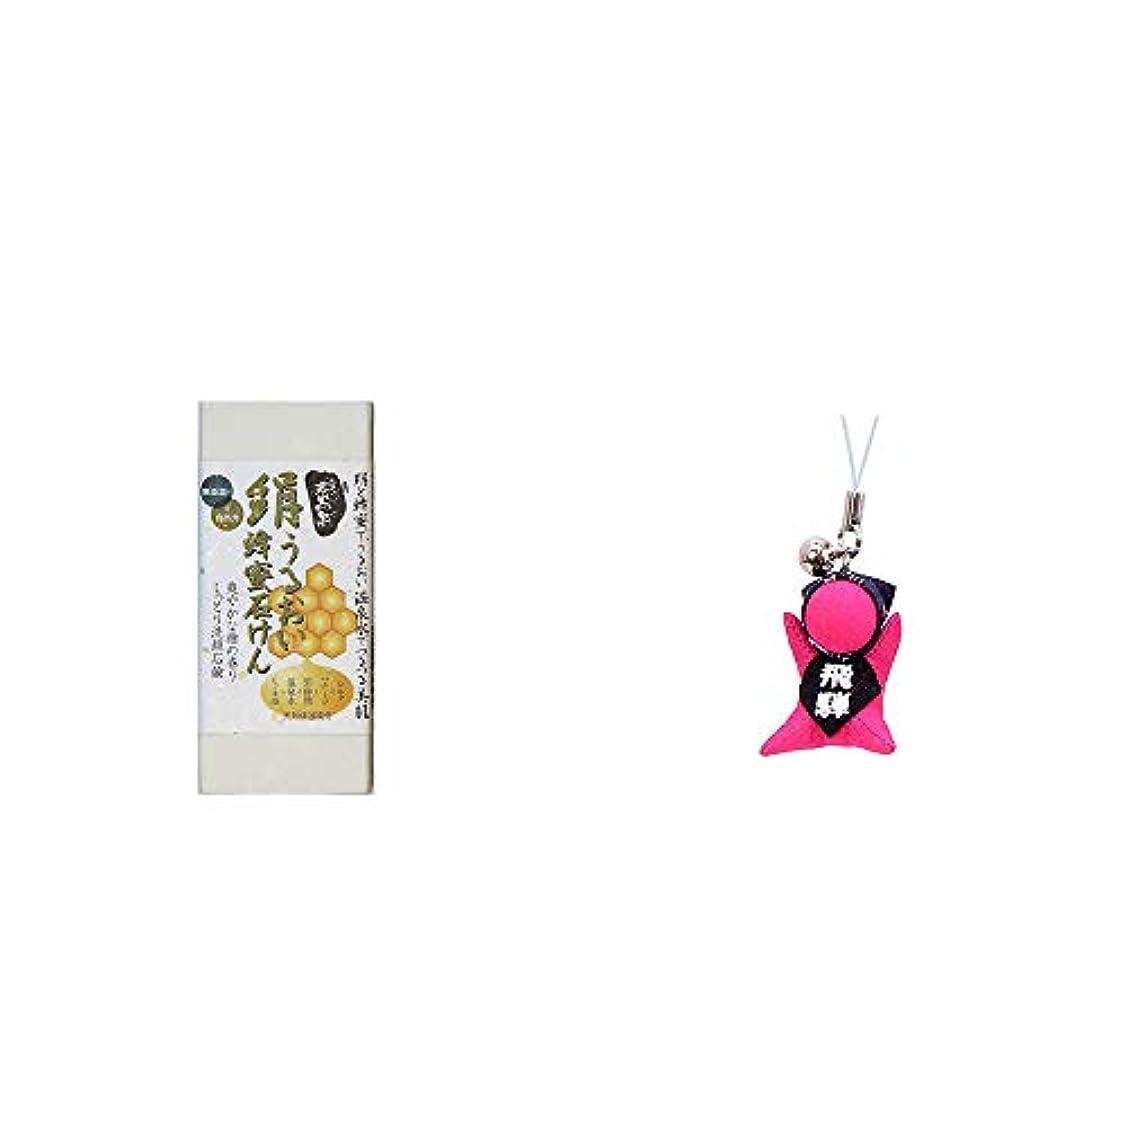 [2点セット] ひのき炭黒泉 絹うるおい蜂蜜石けん(75g×2)?さるぼぼ幸福ストラップ 【ピンク】 / 風水カラー全9種類 縁結び?恋愛(出会い) お守り//